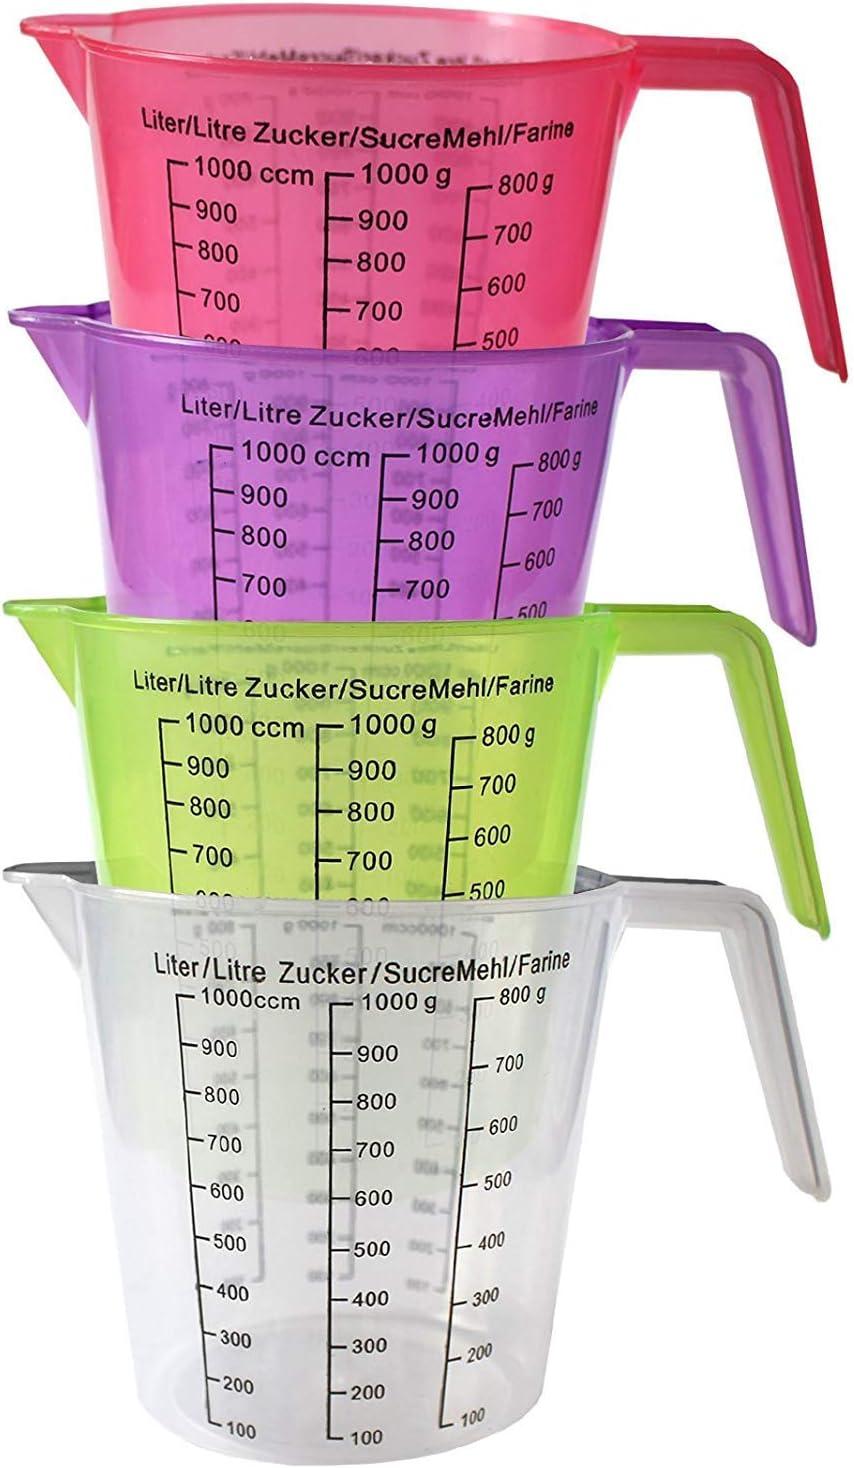 Kurtzy Jarras medidoras plastico (4 Pcs) - 13cm Plástico Libre de BPA Jarras para Medir Liquido, Aceite y Artículos de Hornear con Escala de Gramos y centímetros cúbicos